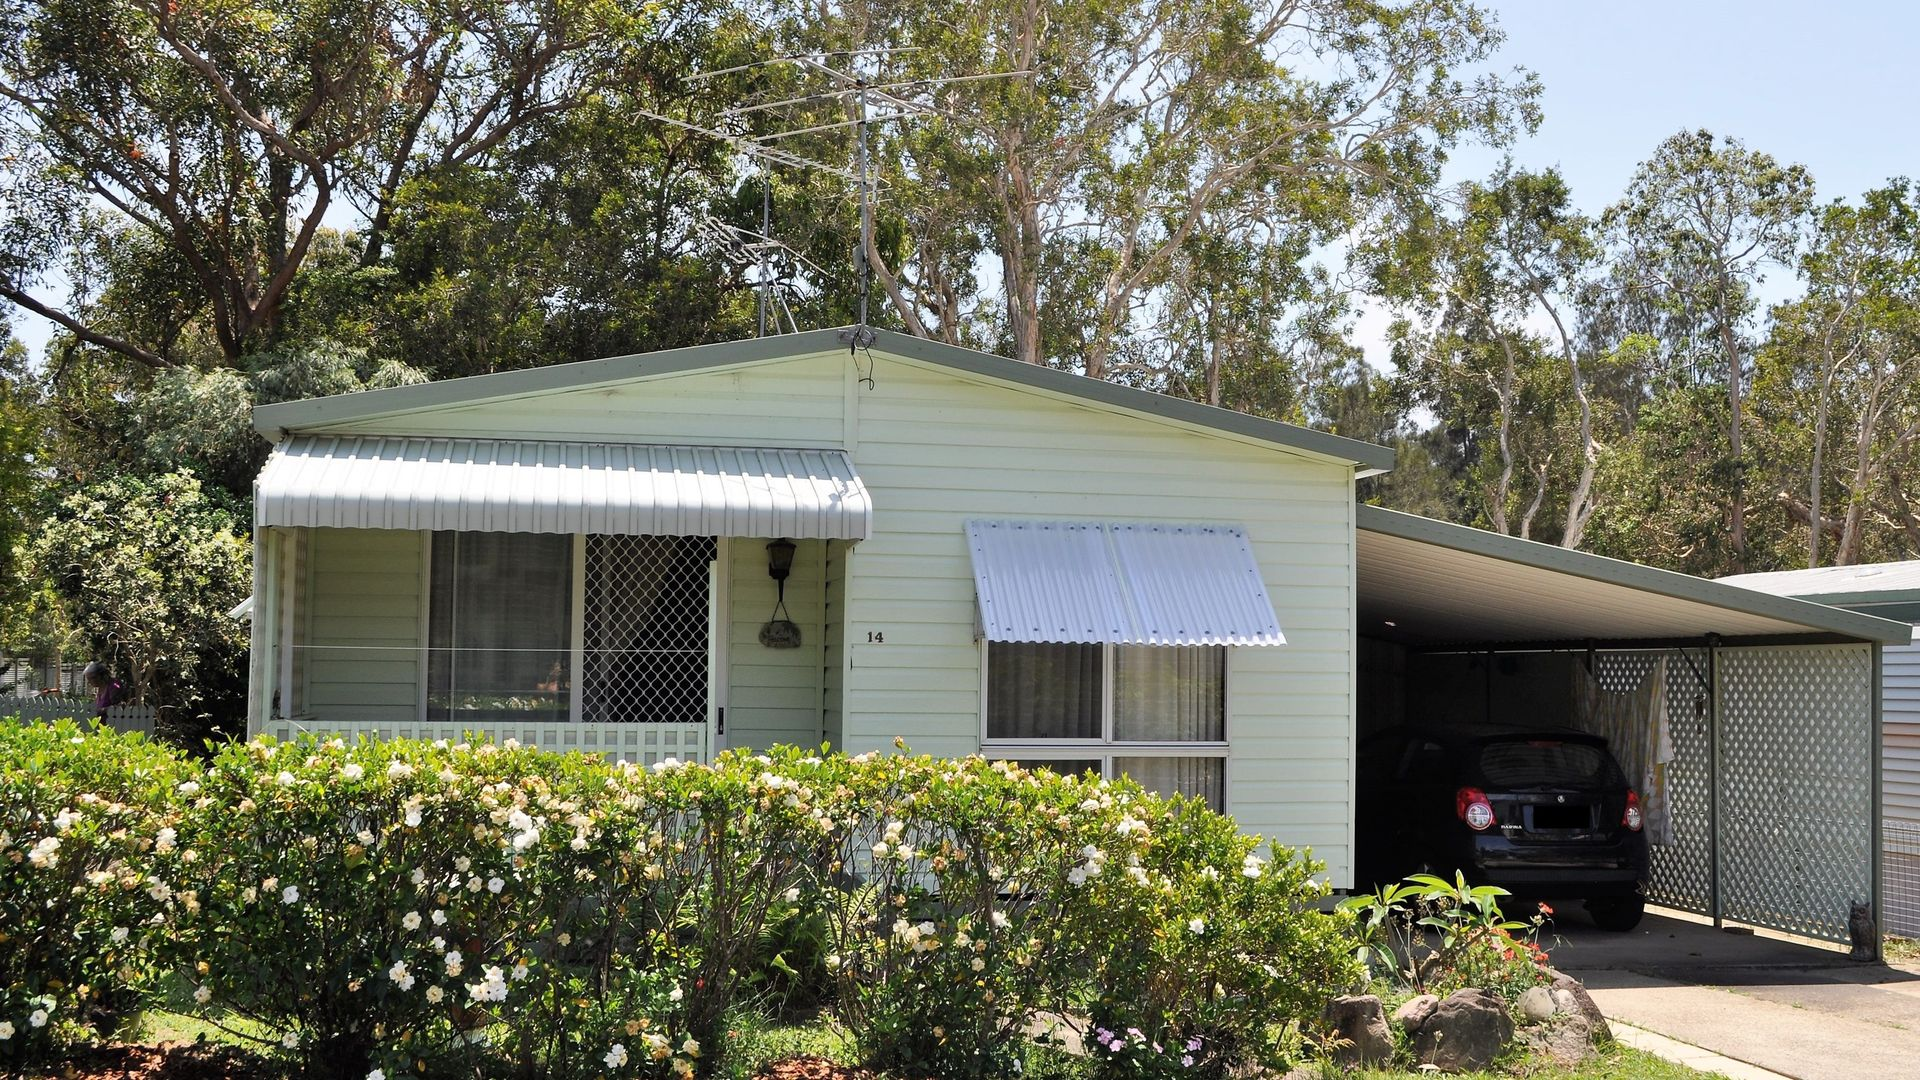 Site 14/8 Gateway The Pines, Hearnes Lake Road, Woolgoolga NSW 2456, Image 1